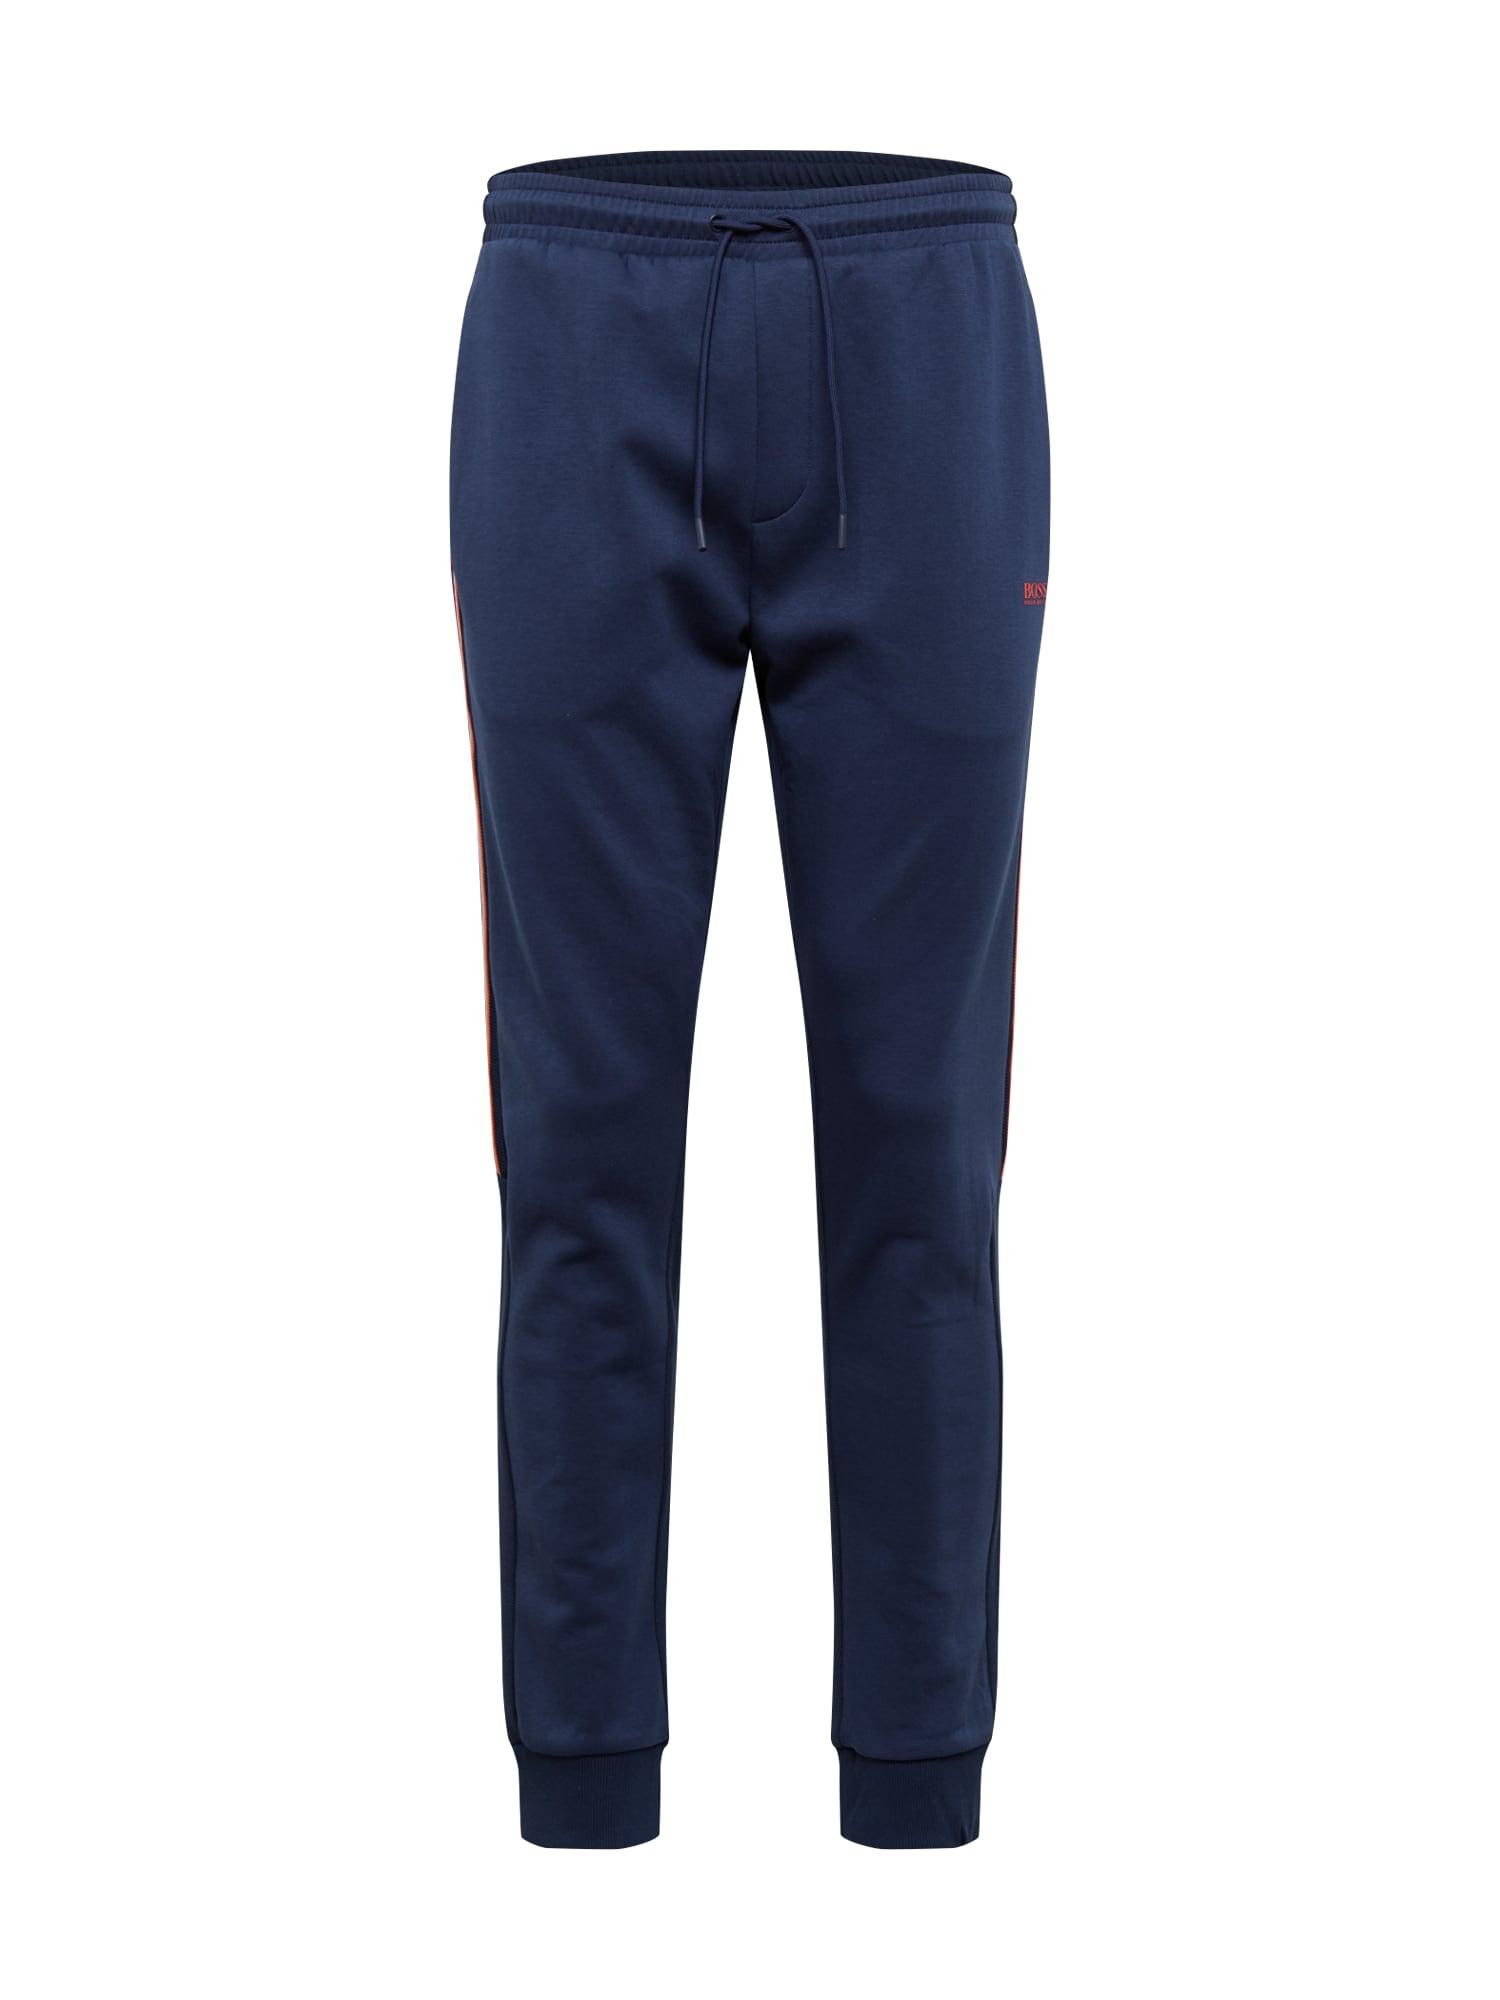 BOSS ATHLEISURE Kalhoty 'Halvo'  námořnická modř